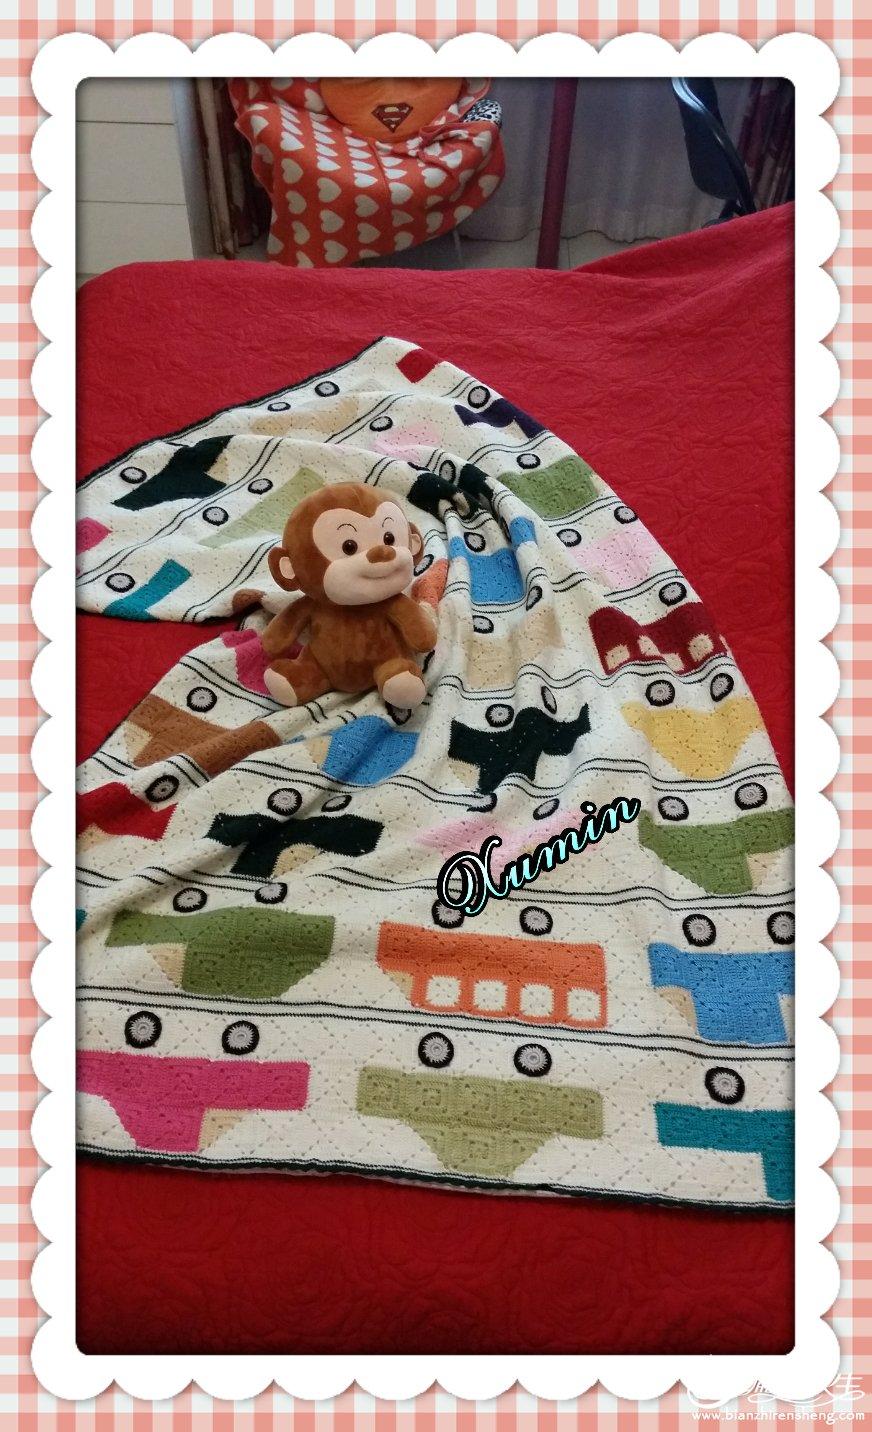 车模儿童毯16.jpg